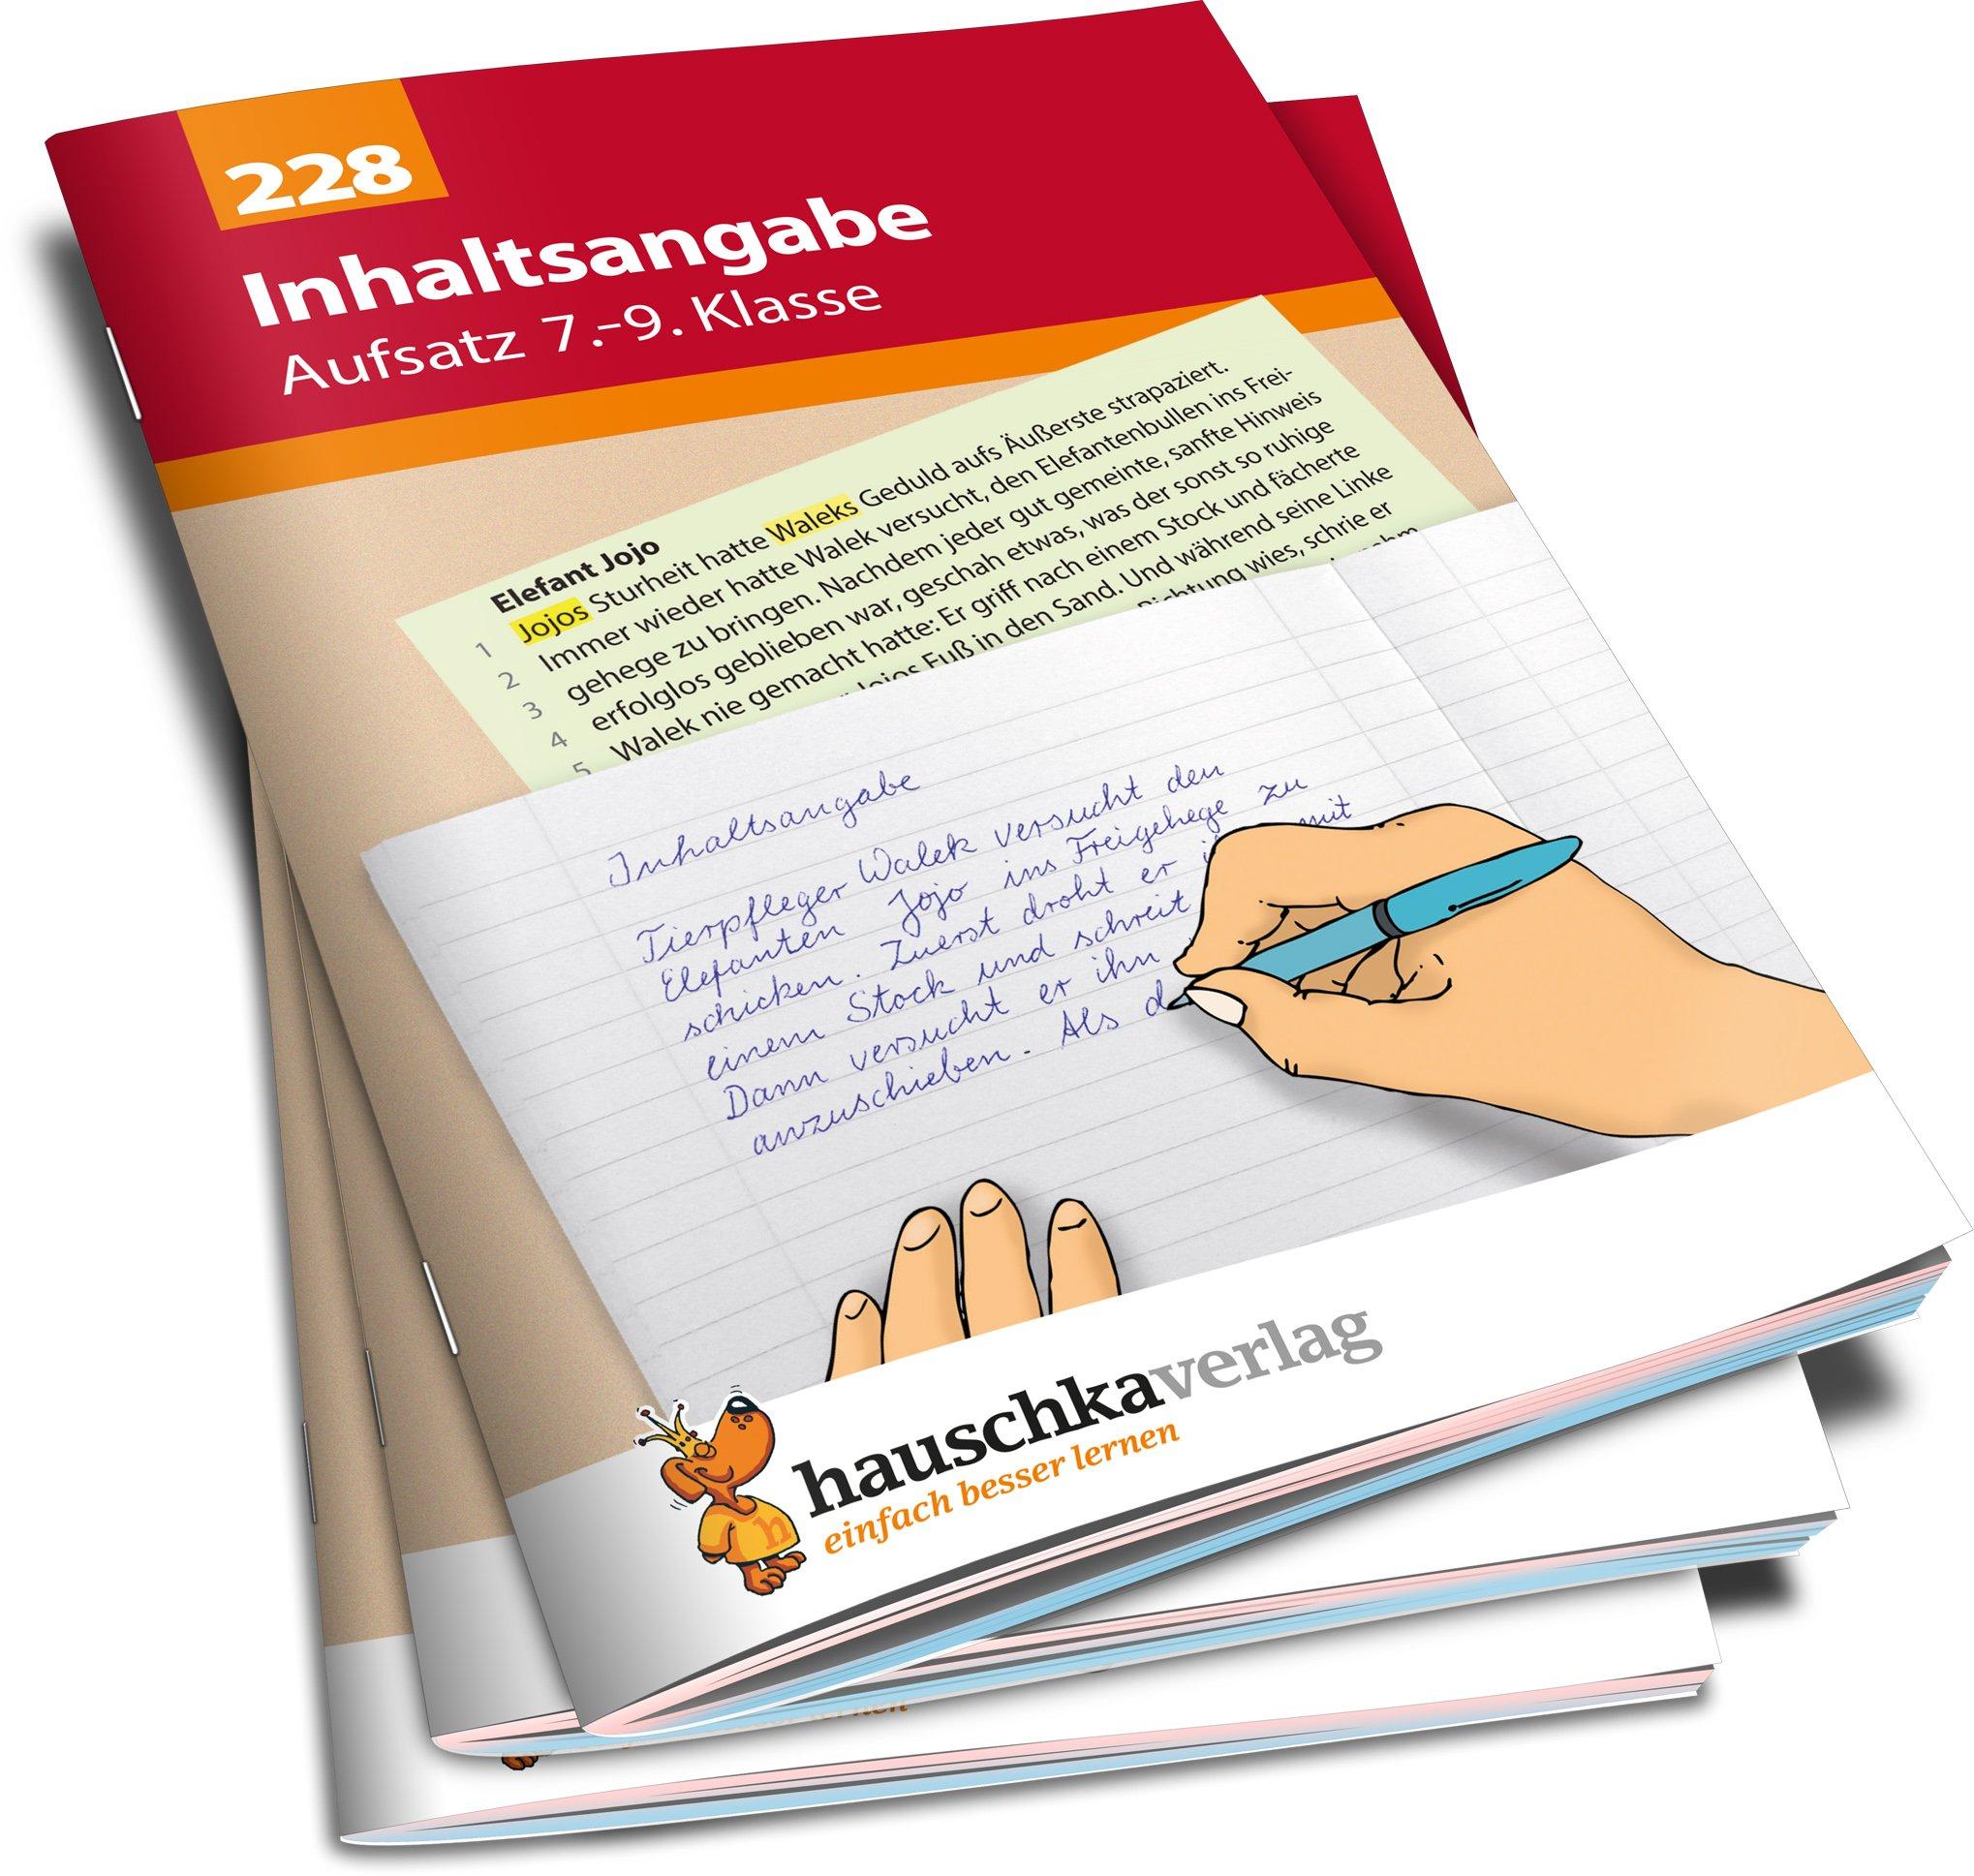 Inhaltsangabe Aufsatz 7 9 Klasse übungsprogramm Mit Lösungen Für